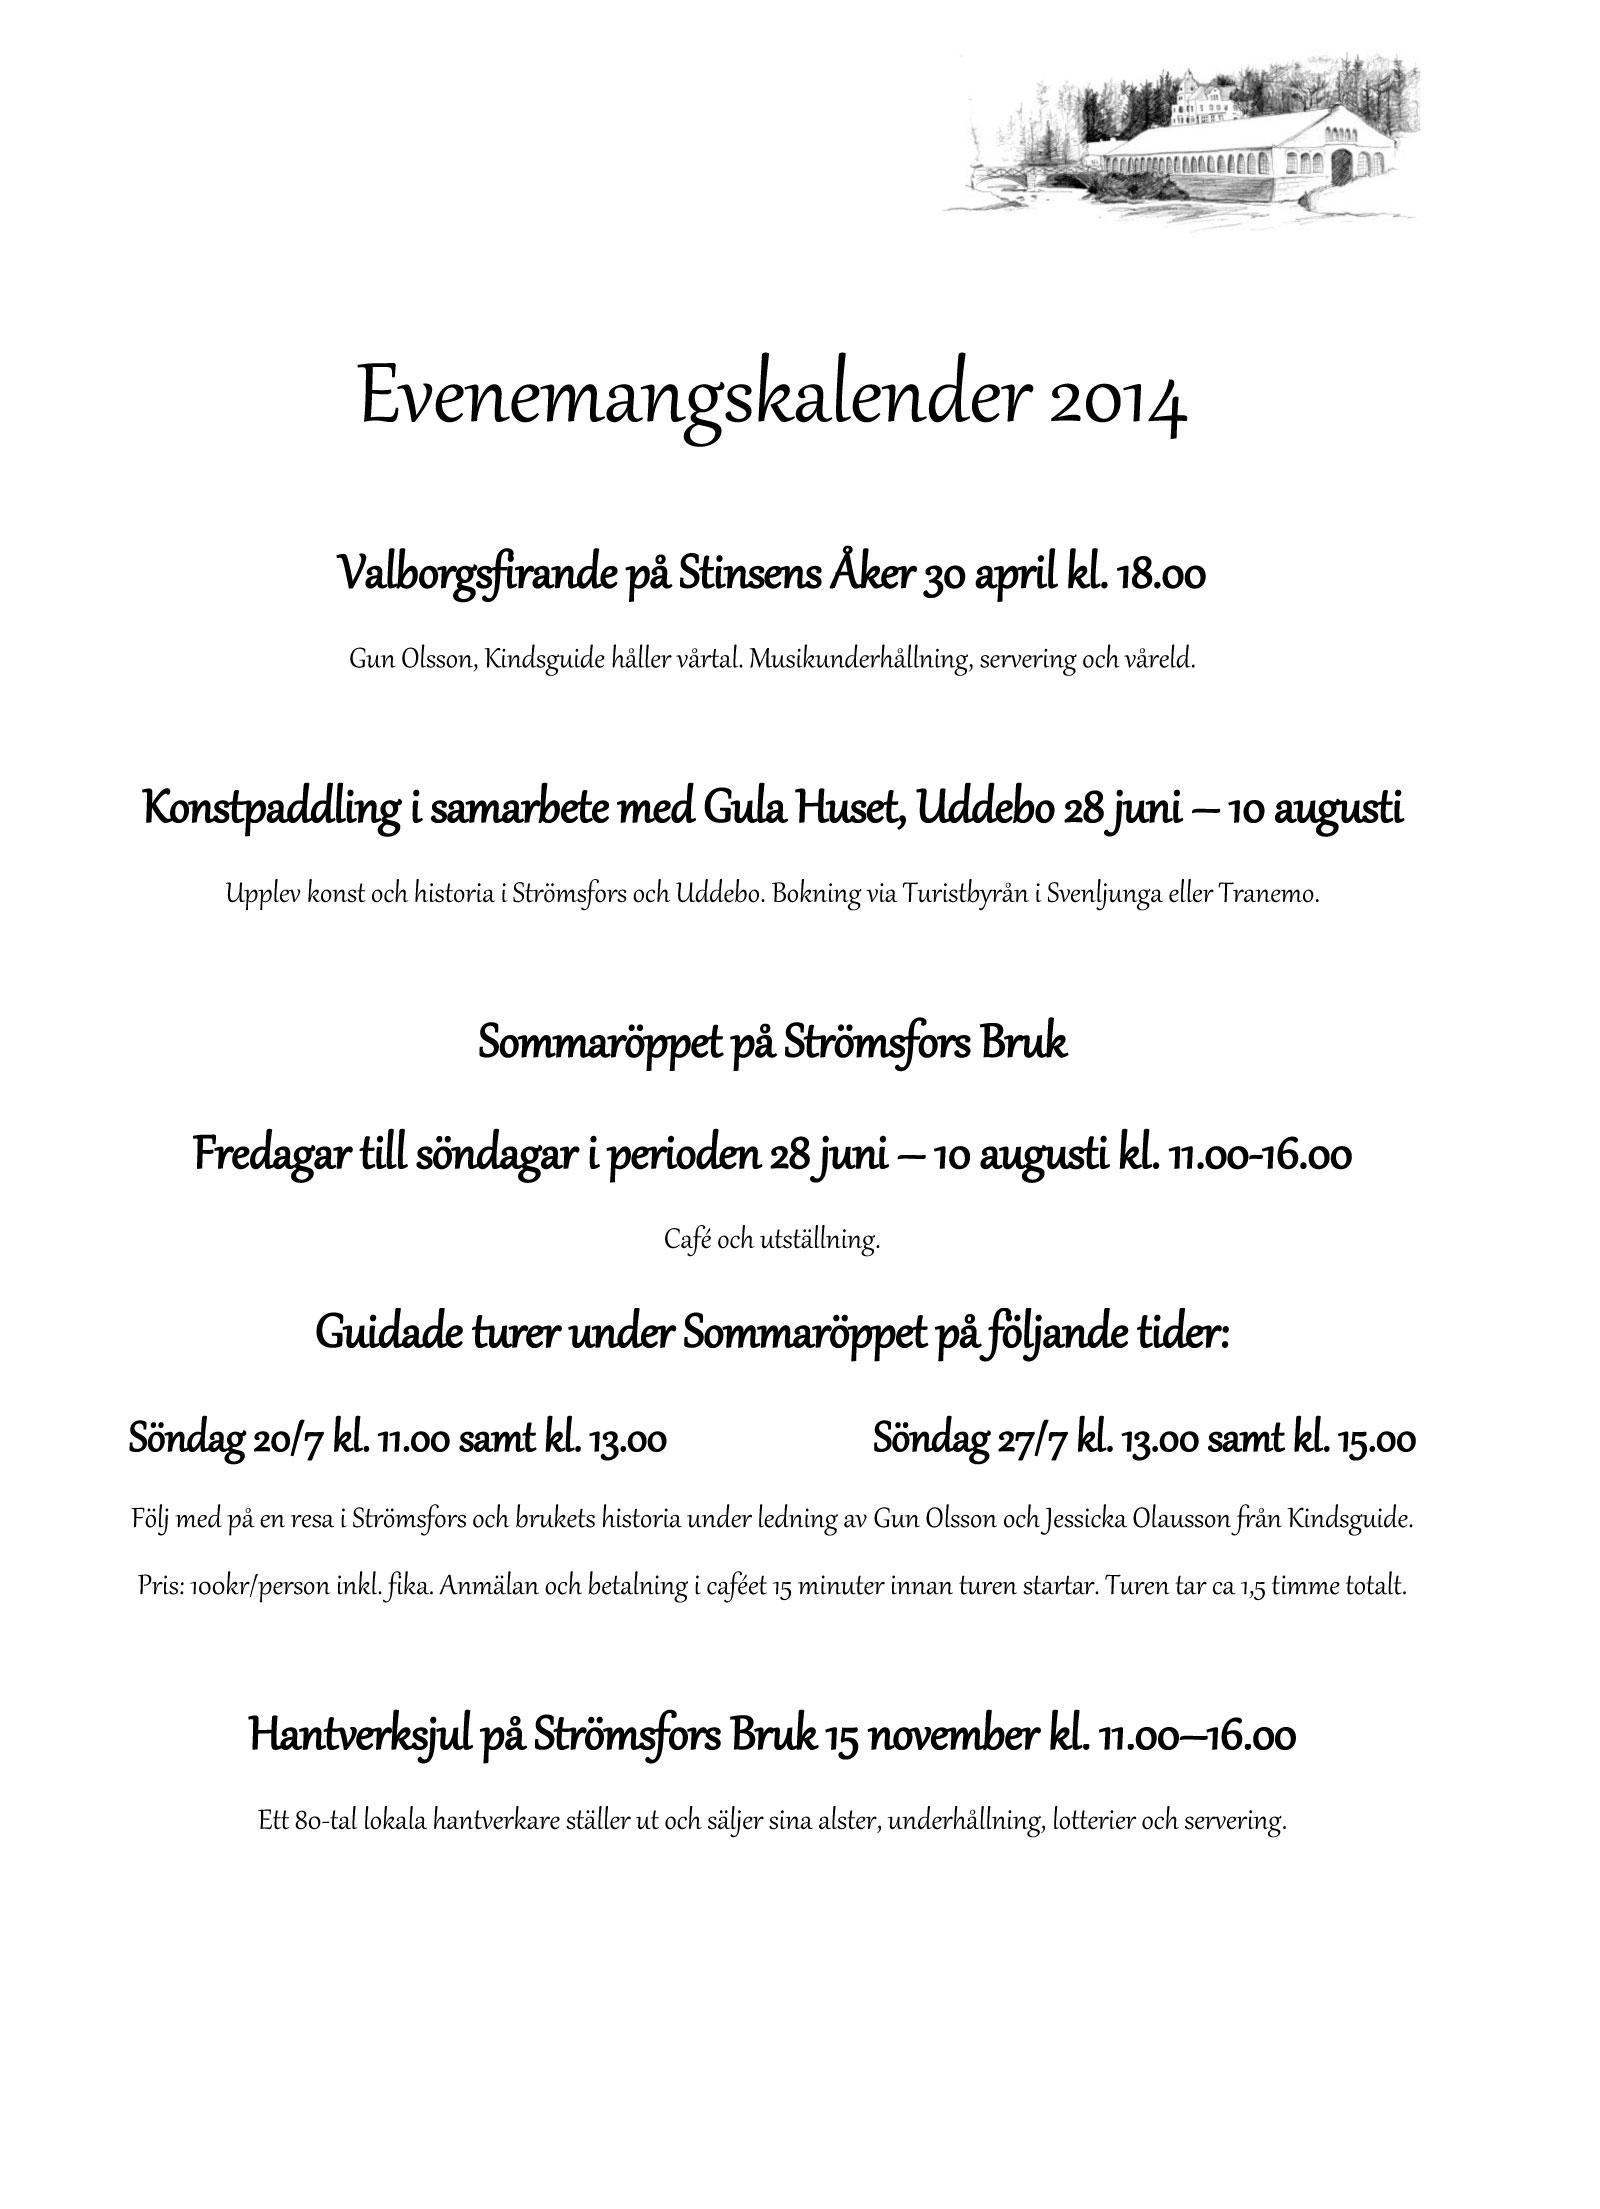 20140304-Evenemangskalender